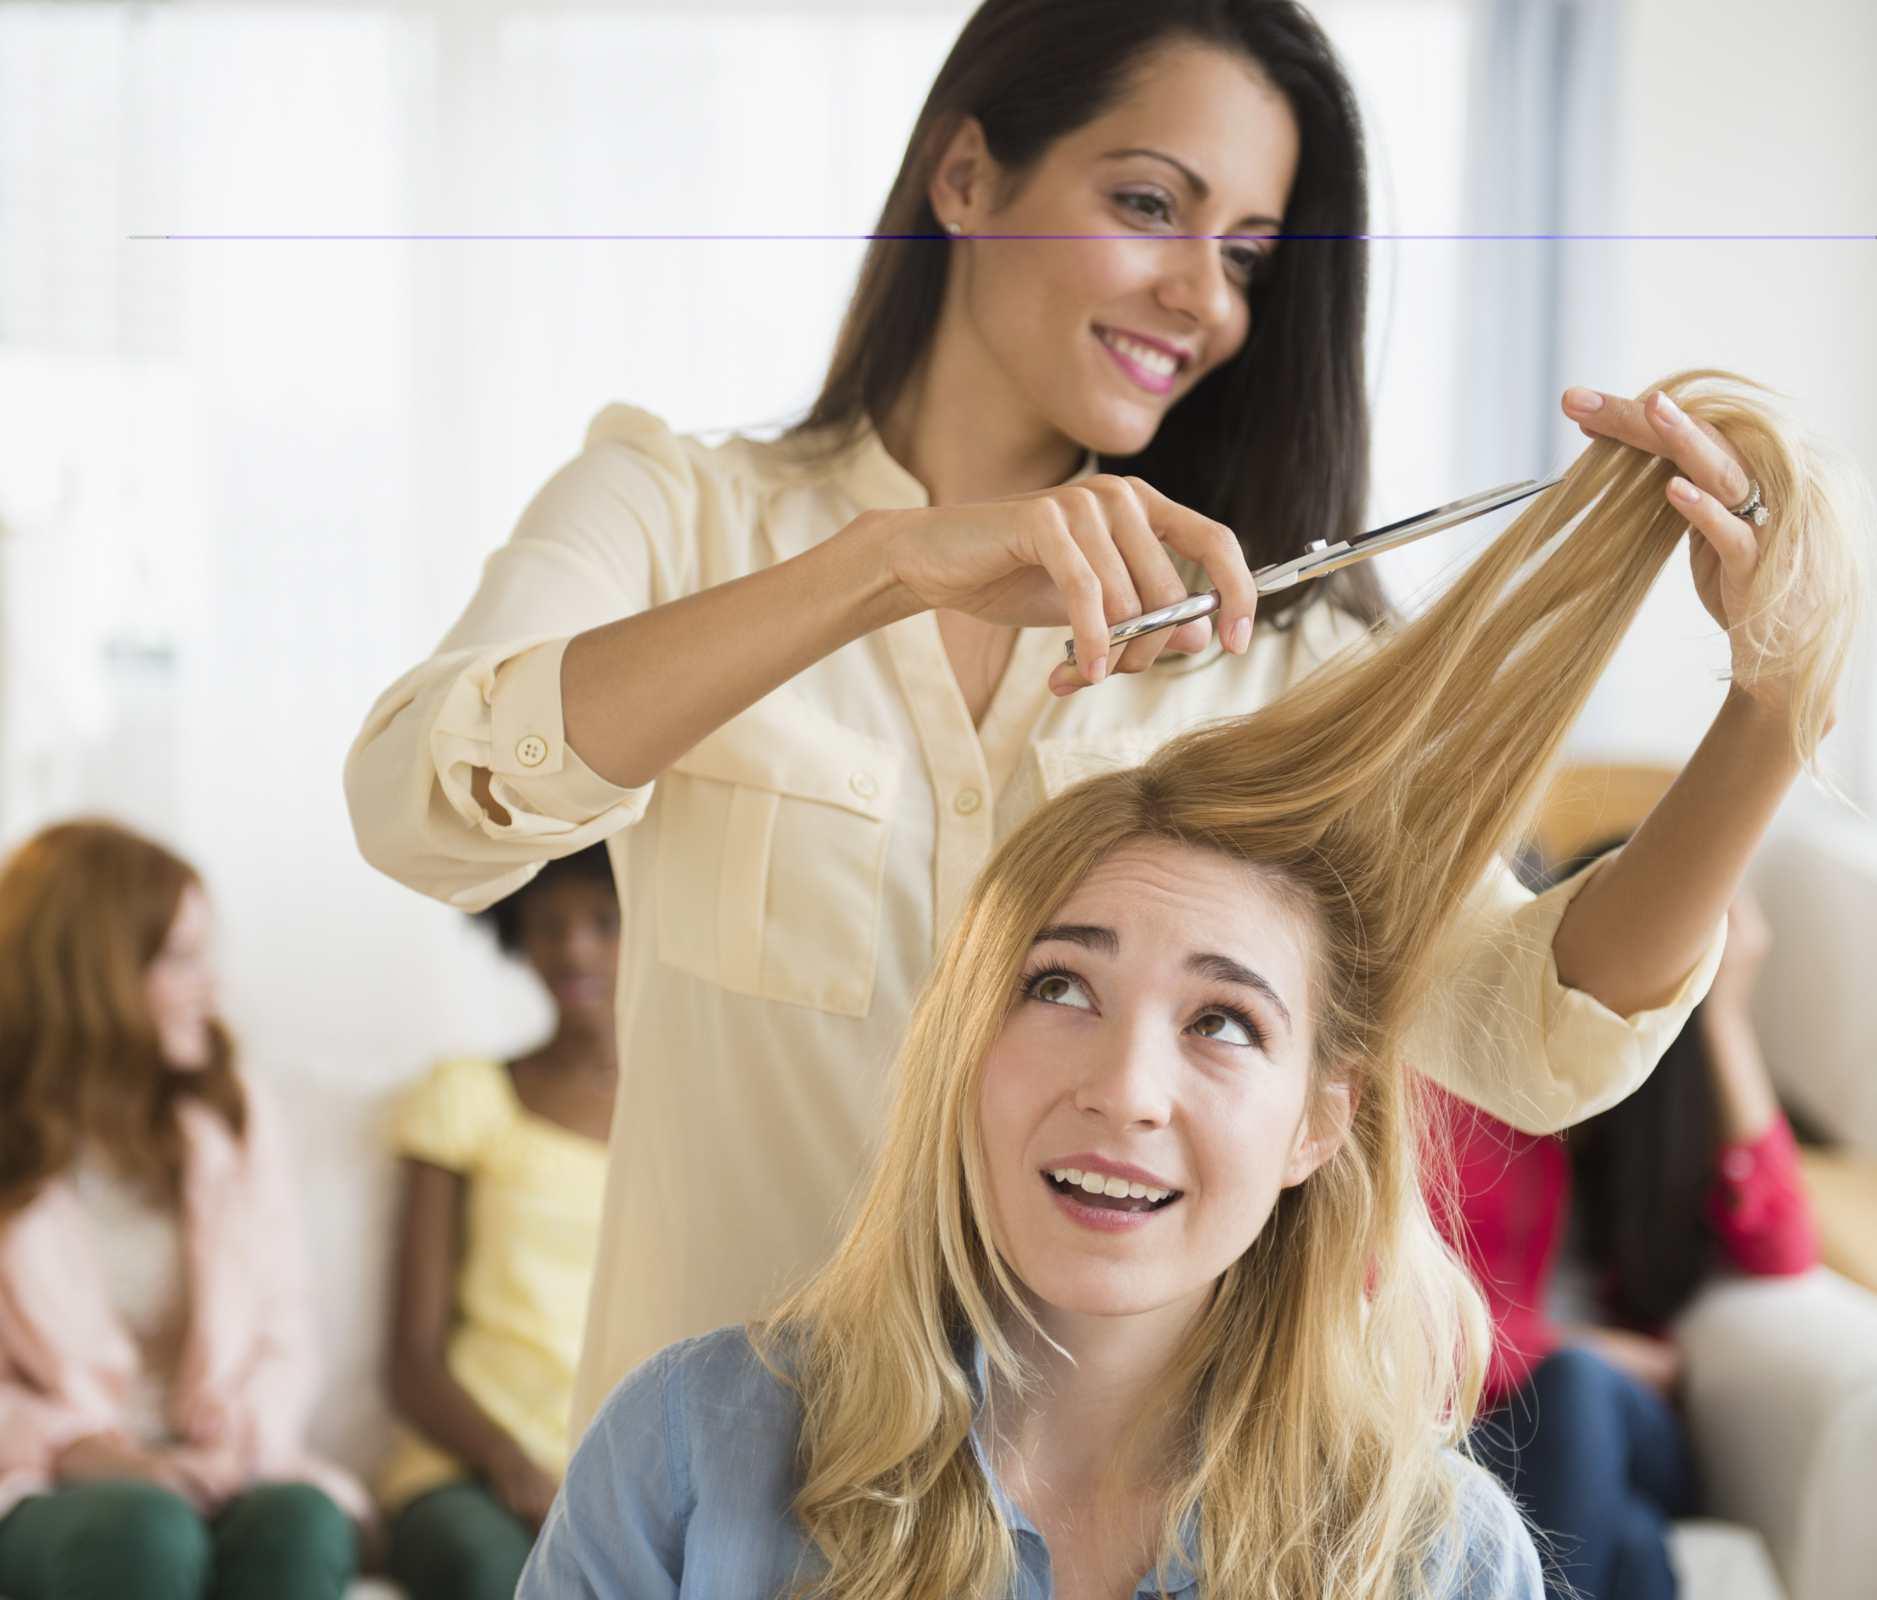 Peluquera cortando el cabello a clienta